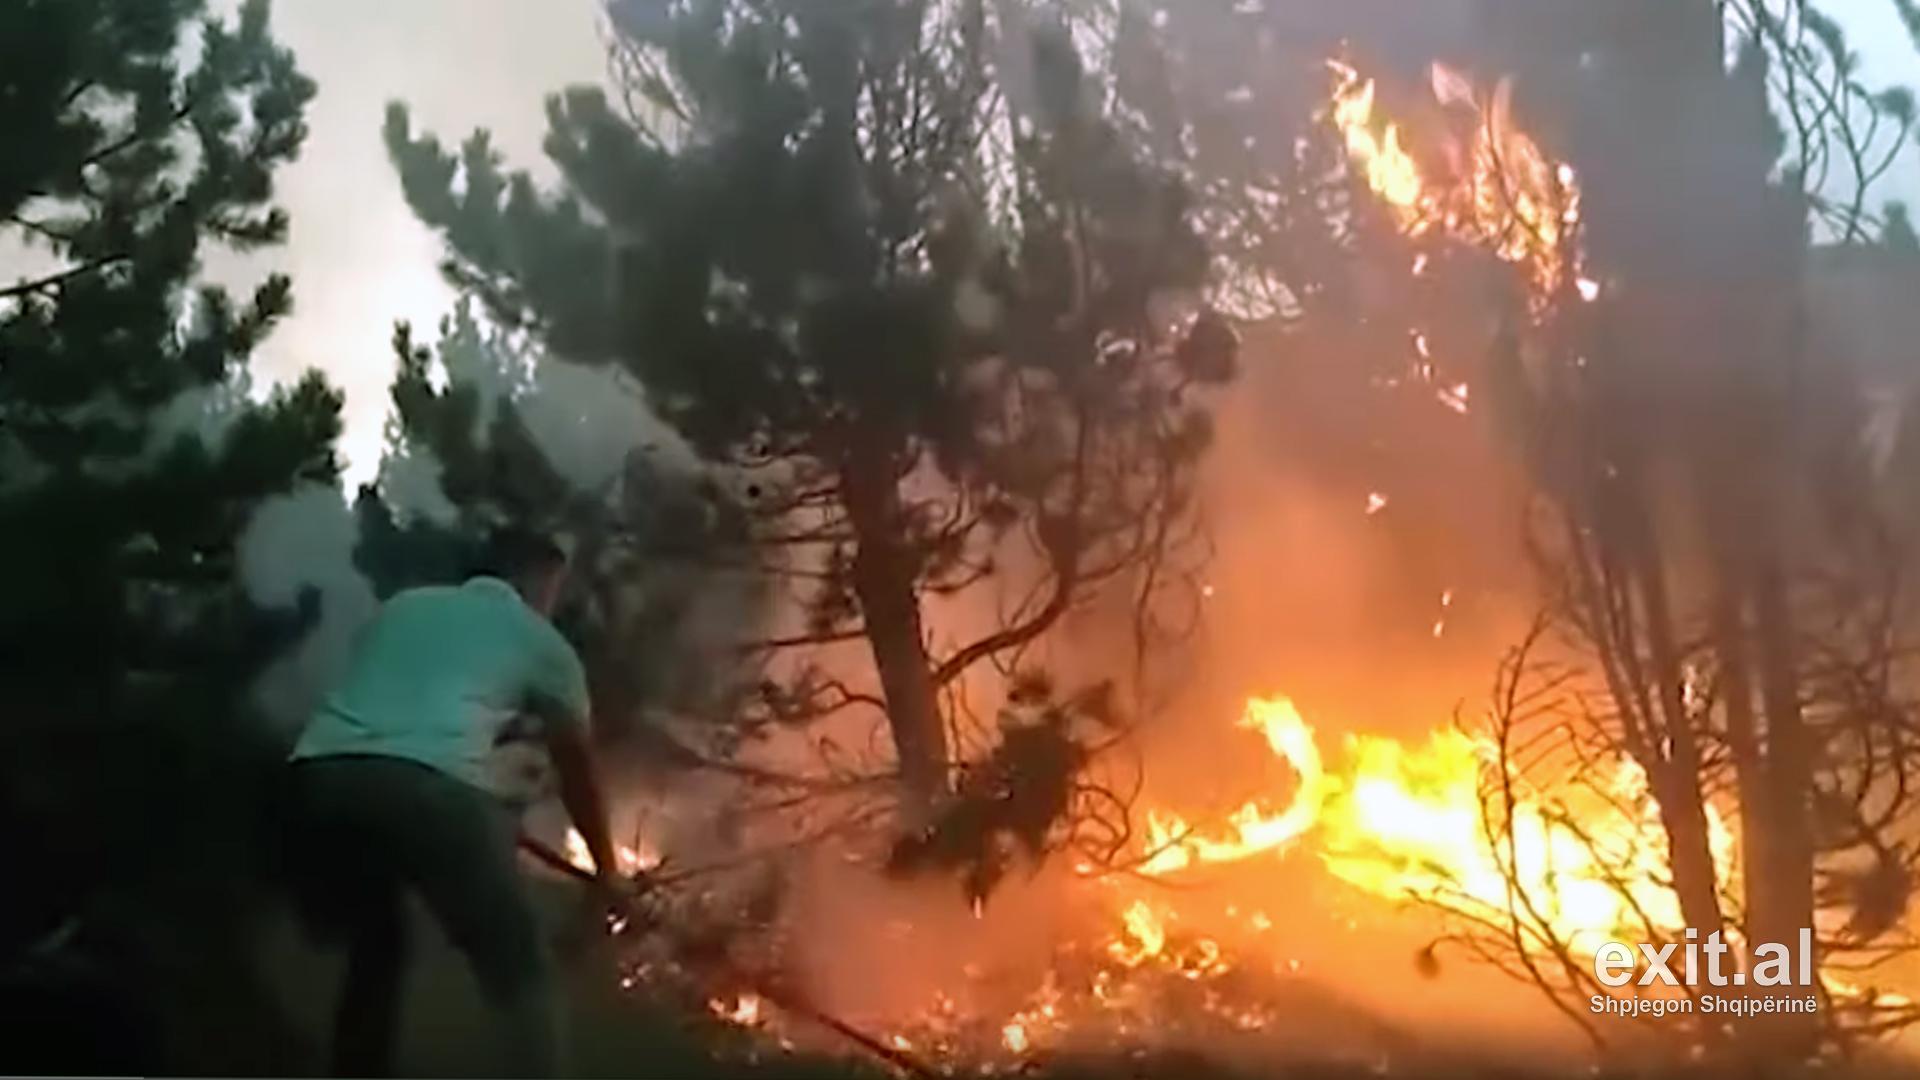 Djegiet e pyjeve në bregdet të qëllimshme, por ligji ndalon tjetërsimin e tokave të djegura